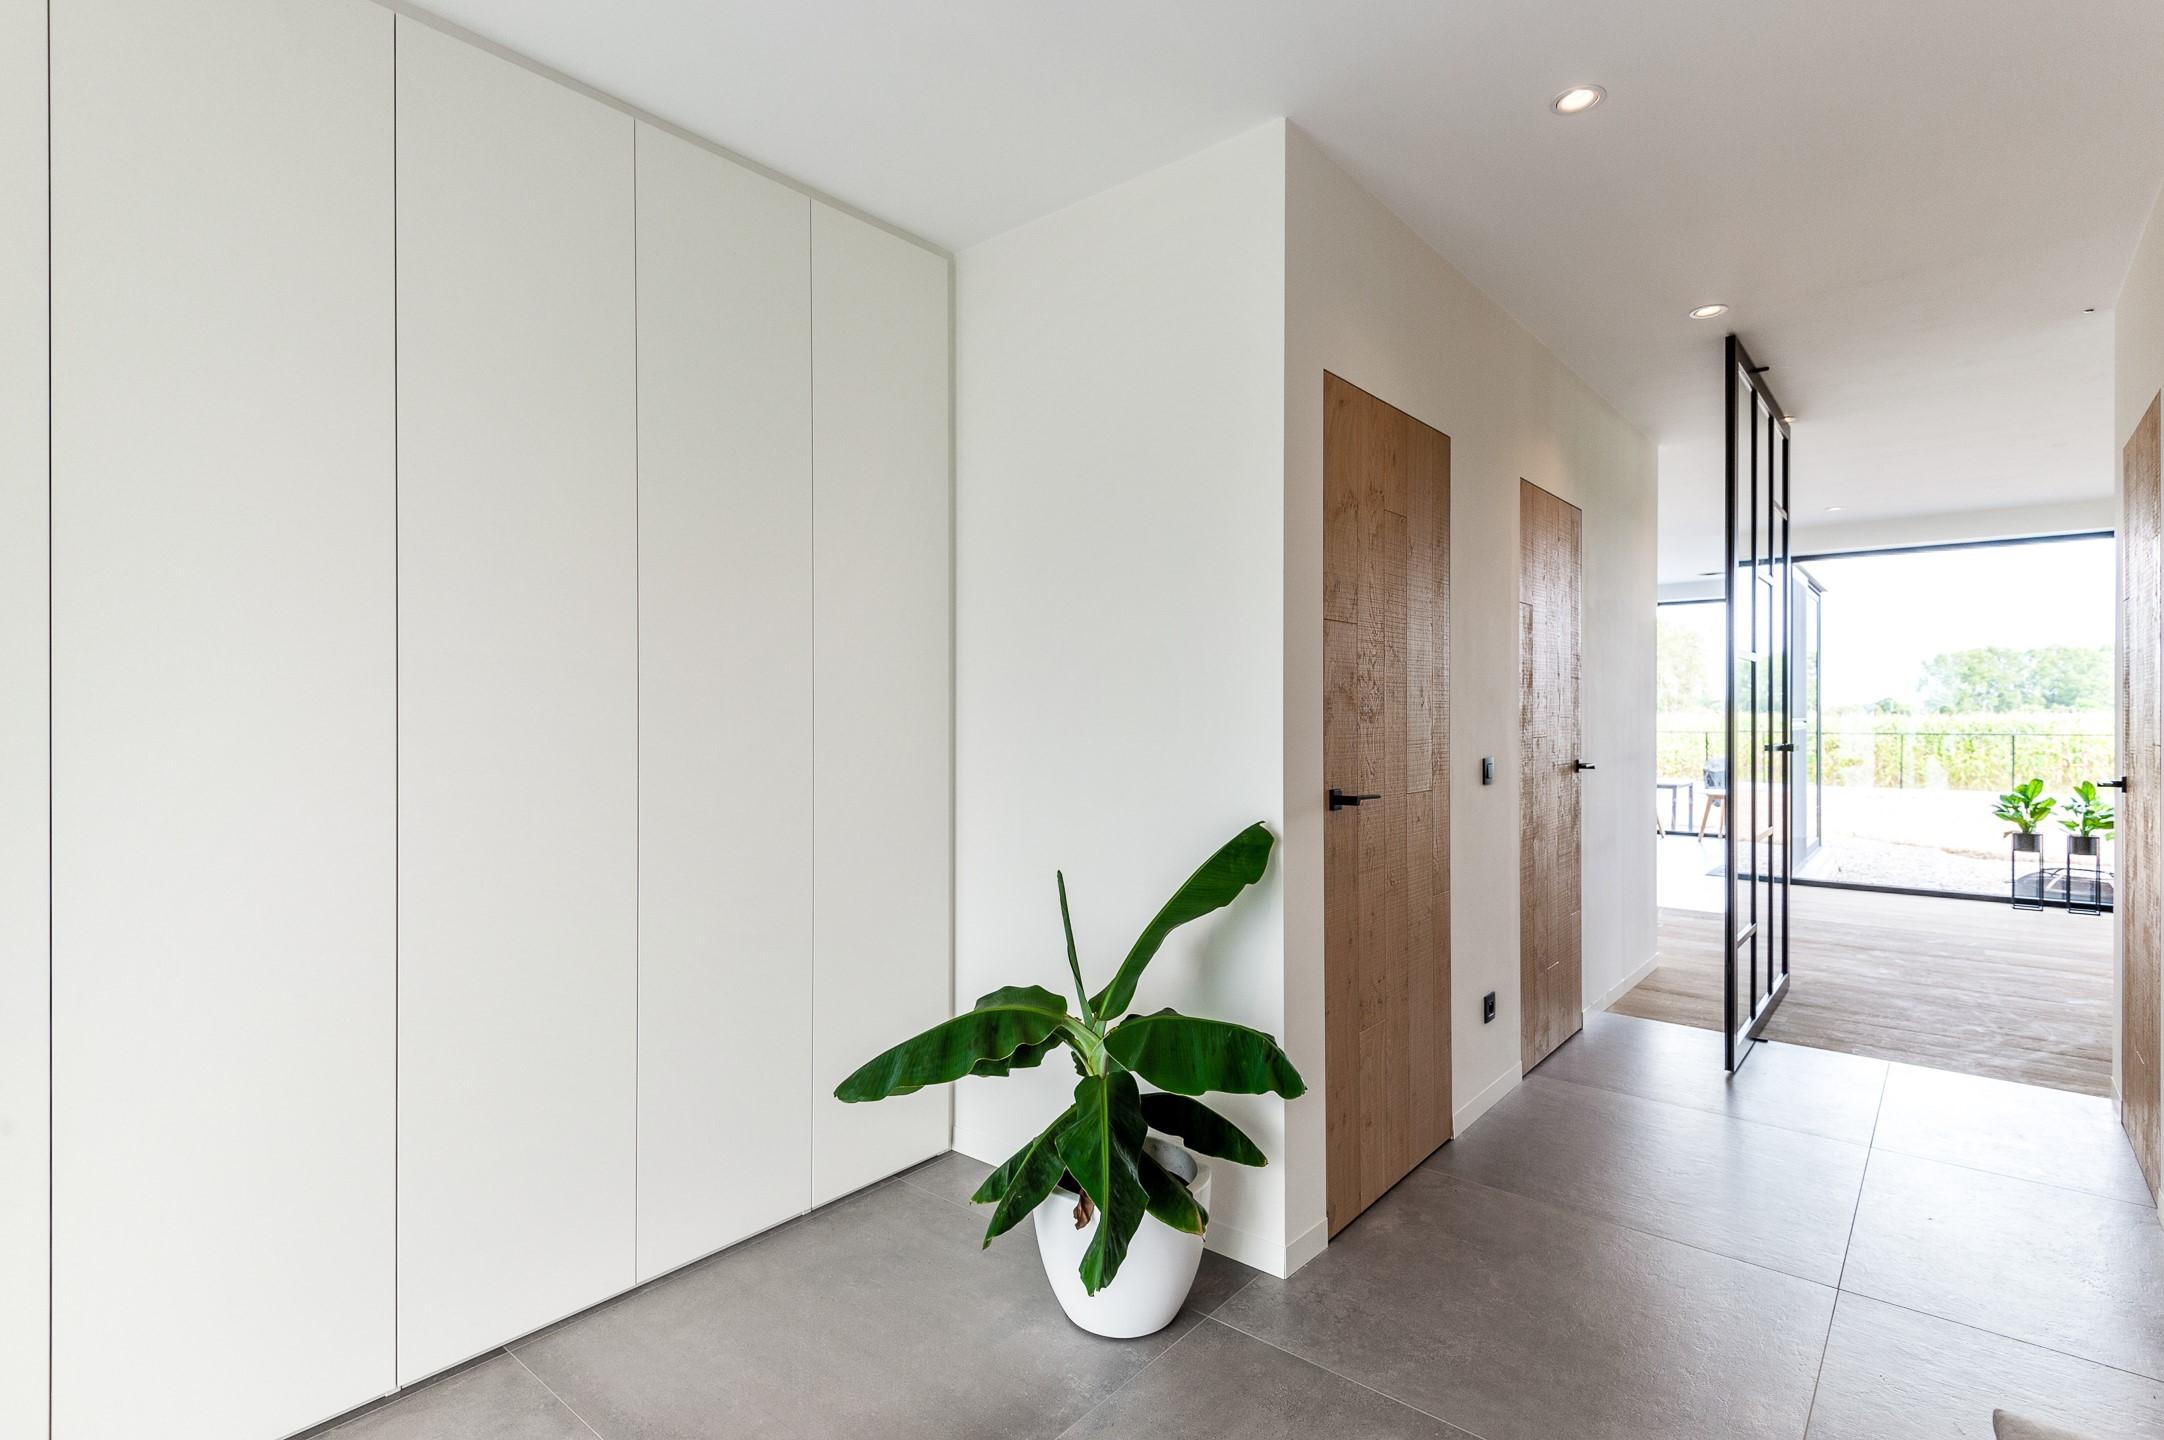 Moderne vestiairekast in hal detail deur open